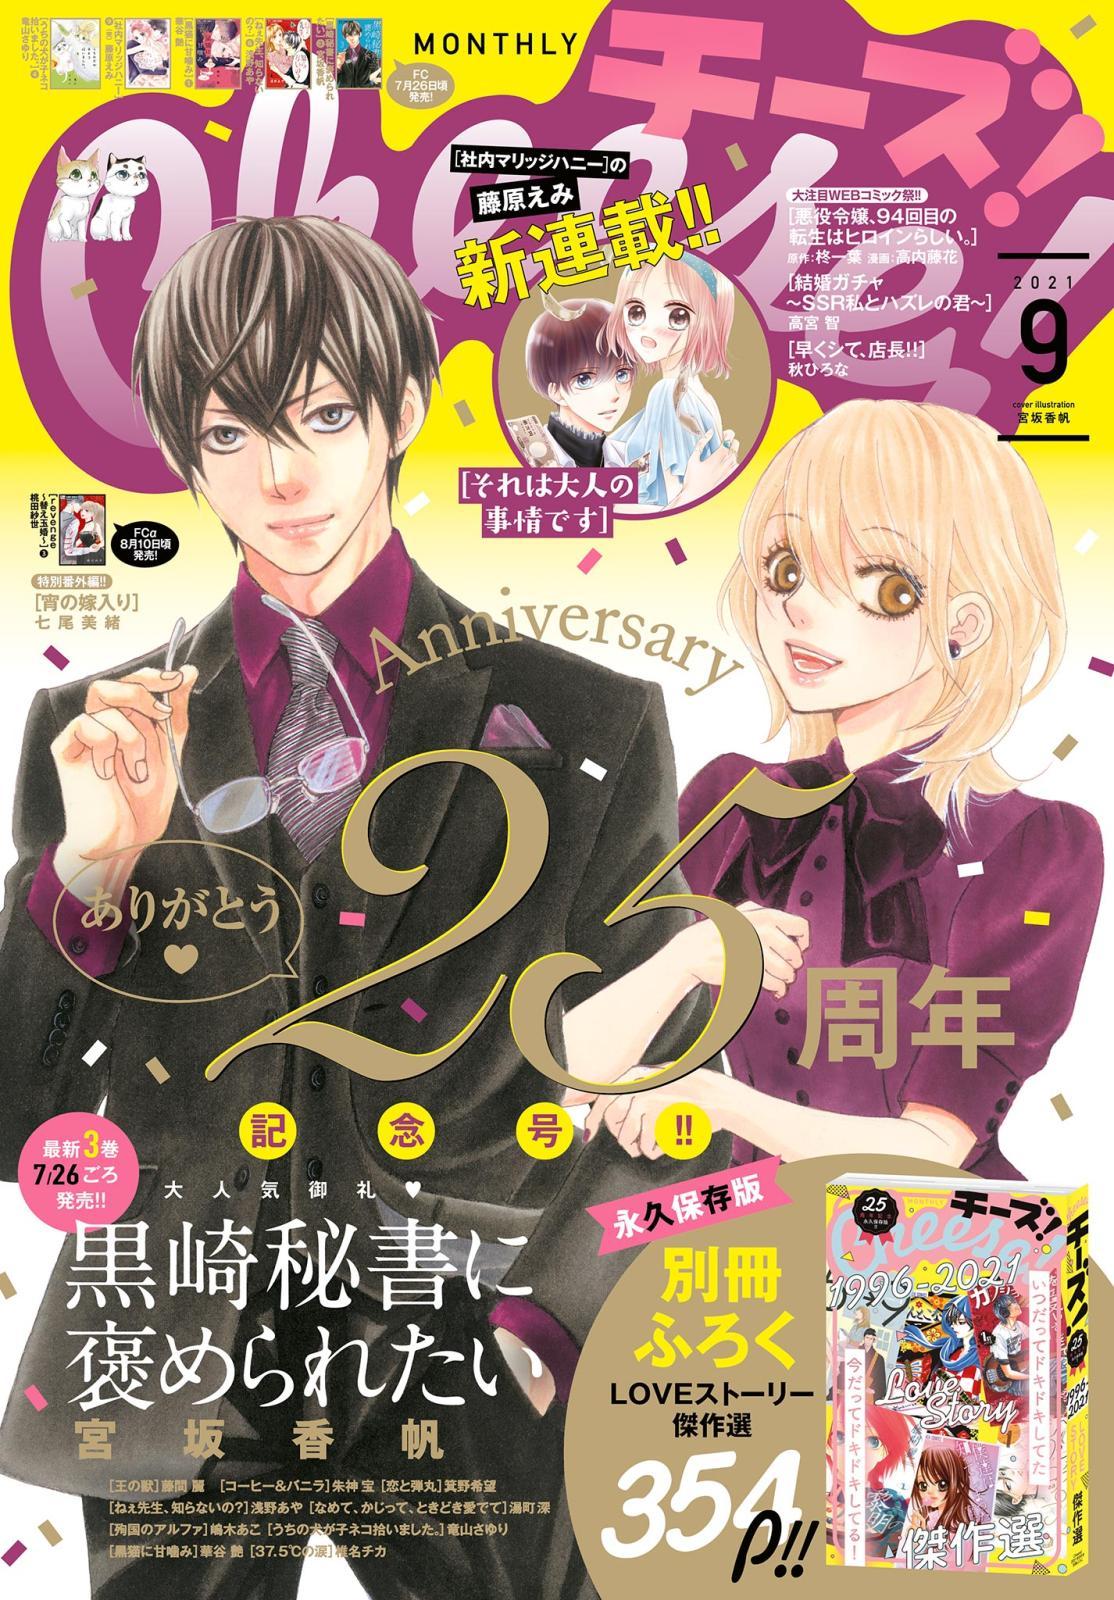 Cheese!【電子版特典付き】 2021年9月号(2021年7月21日発売)